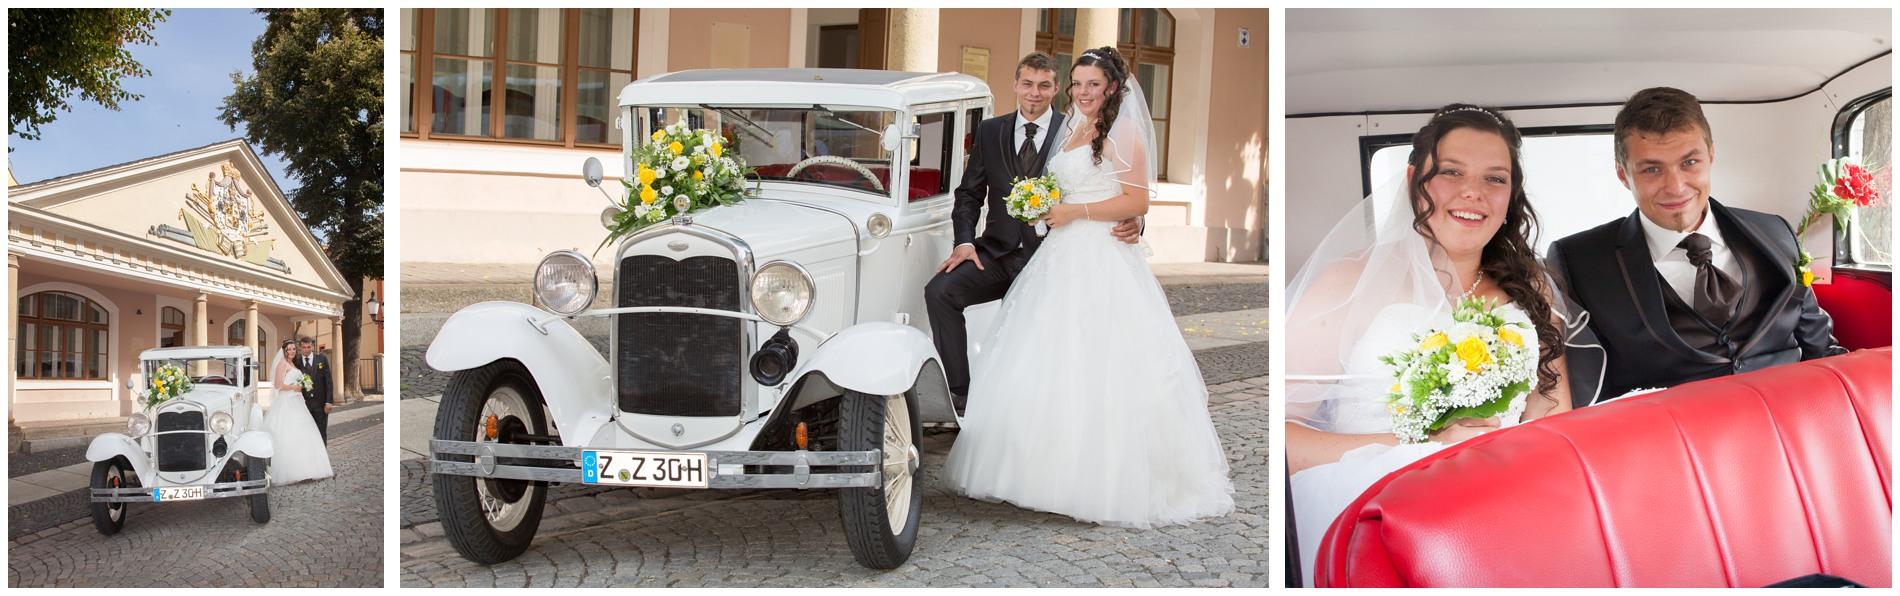 Oldtimer als Hochzeitsauto in Thüringen - Hochzeitsfotograf Thüringen